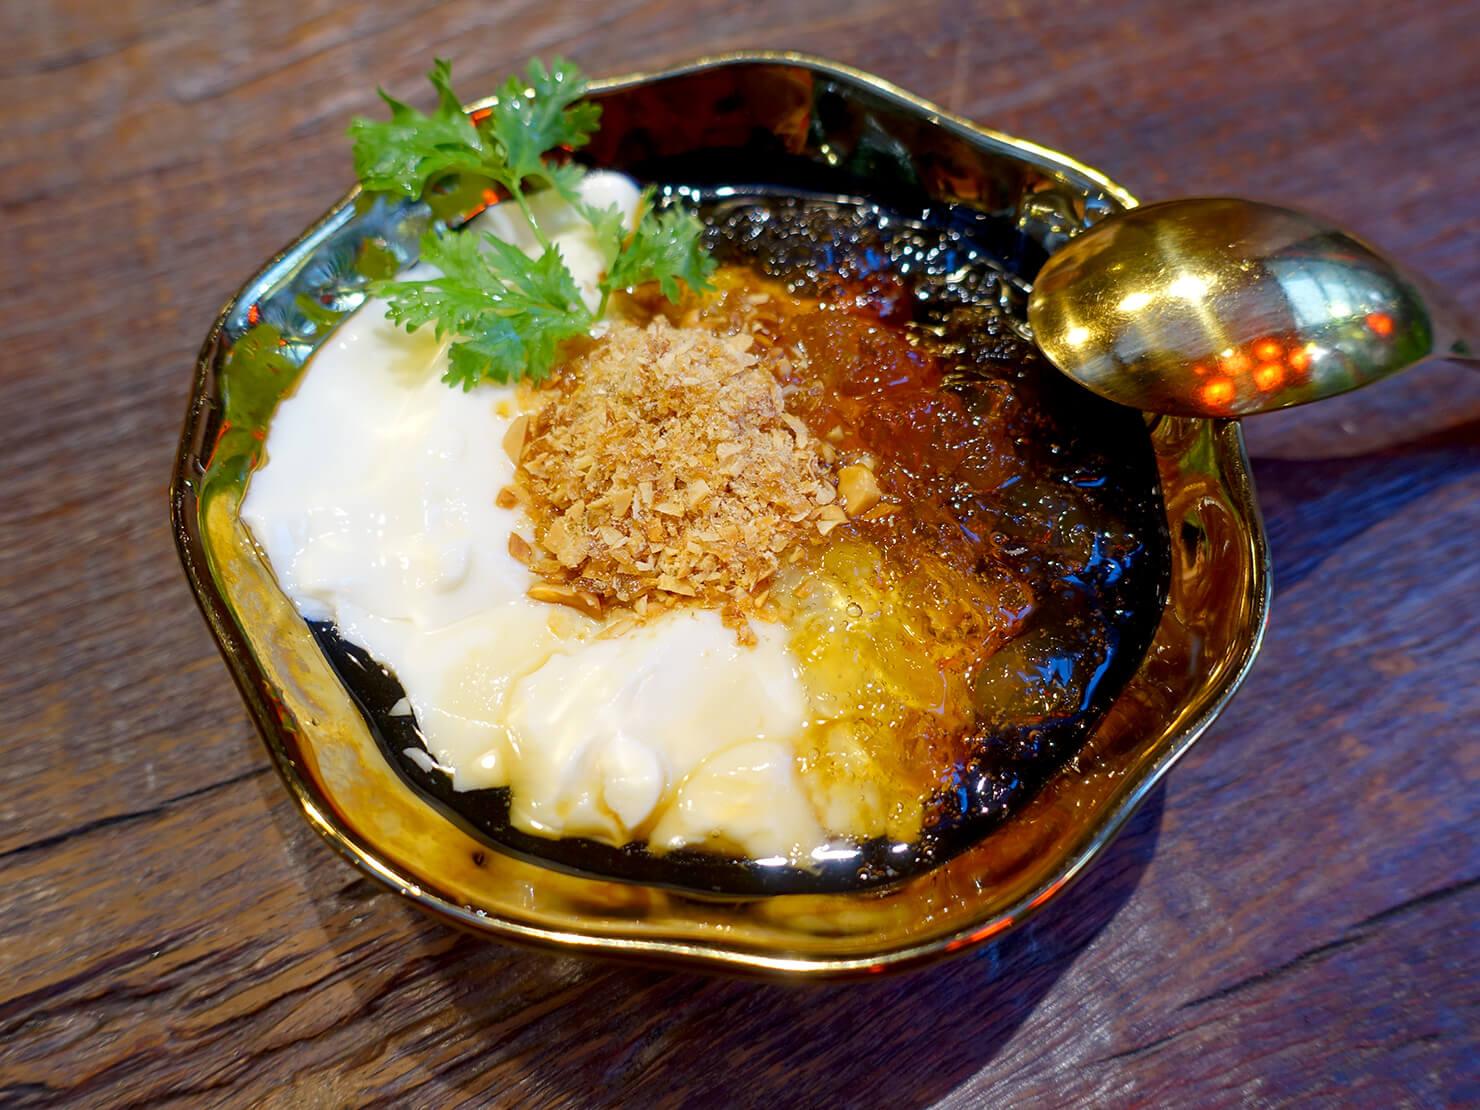 台北・永康街の豆花がいただけるお店「白水豆花」の麥芽糖花生桃膠豆花